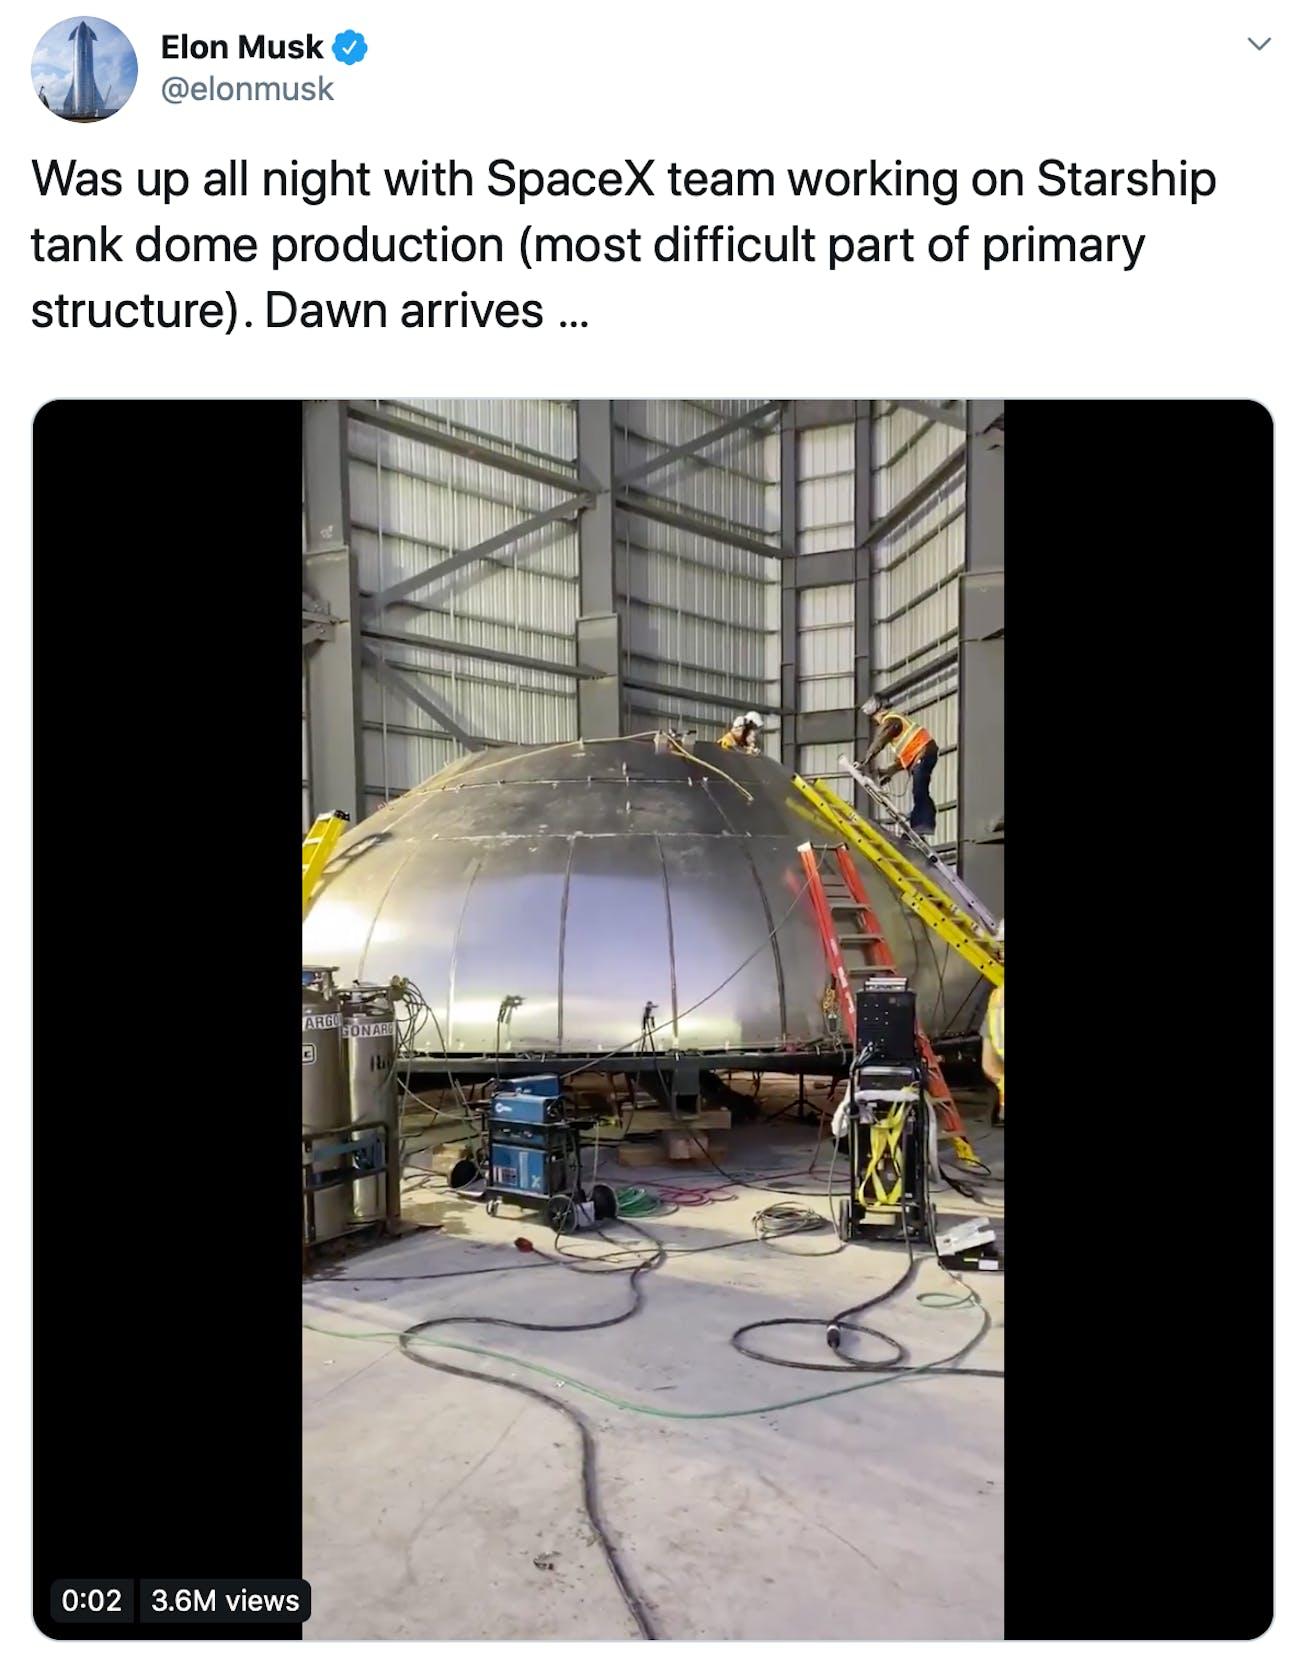 Elon Musk's work.